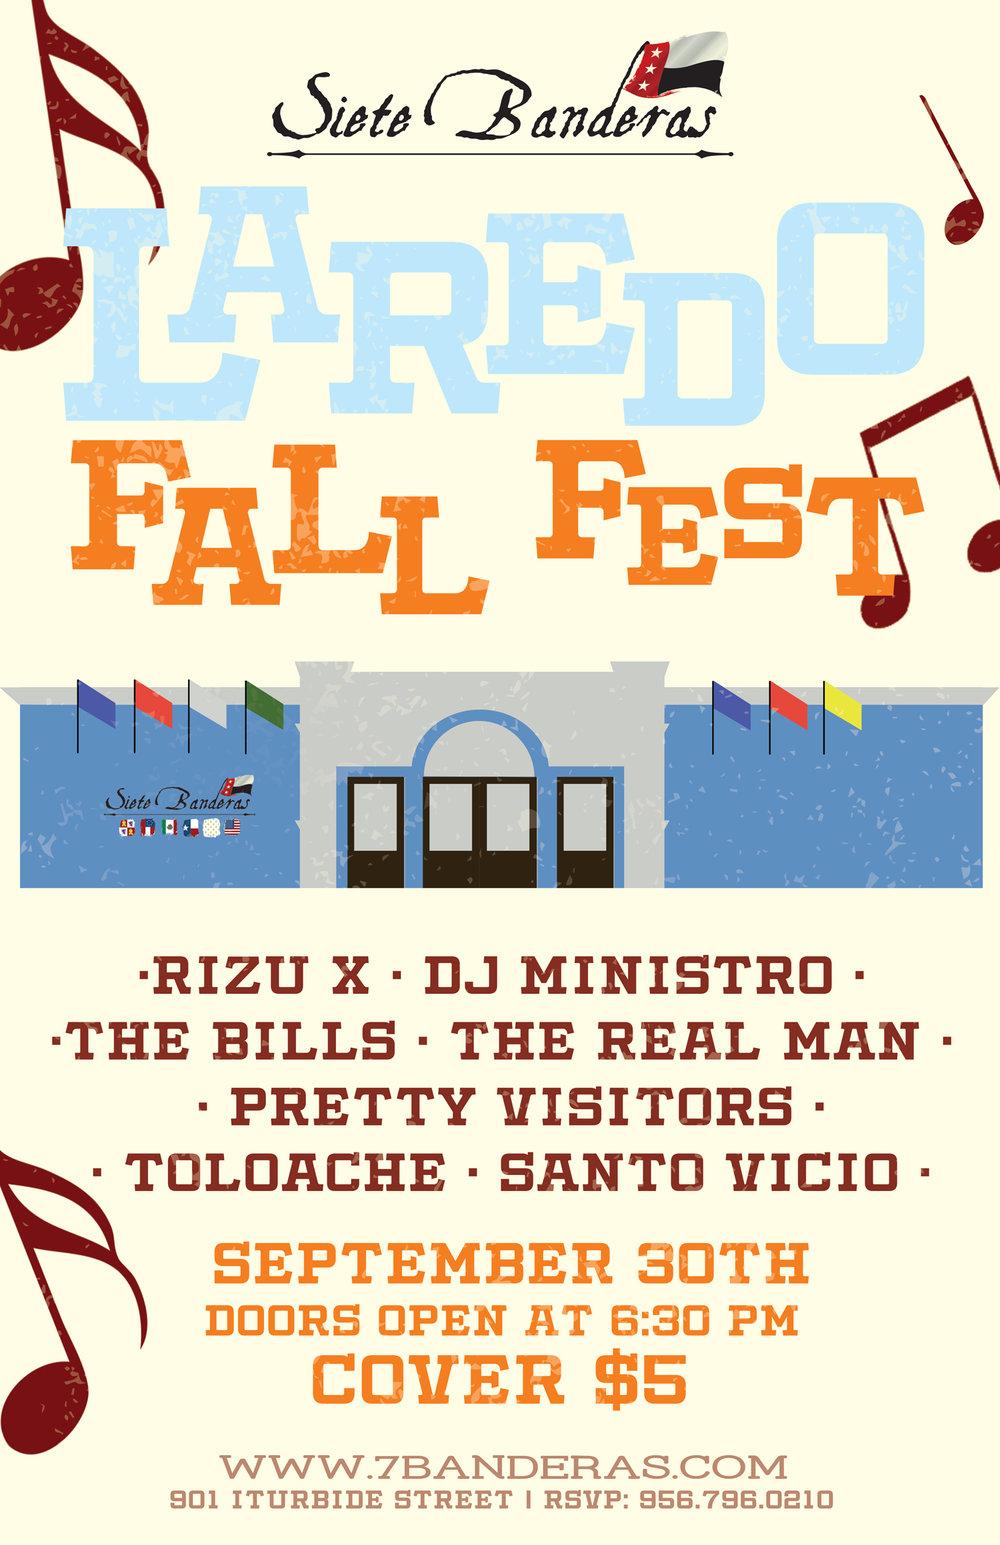 fallfest_poster.jpg